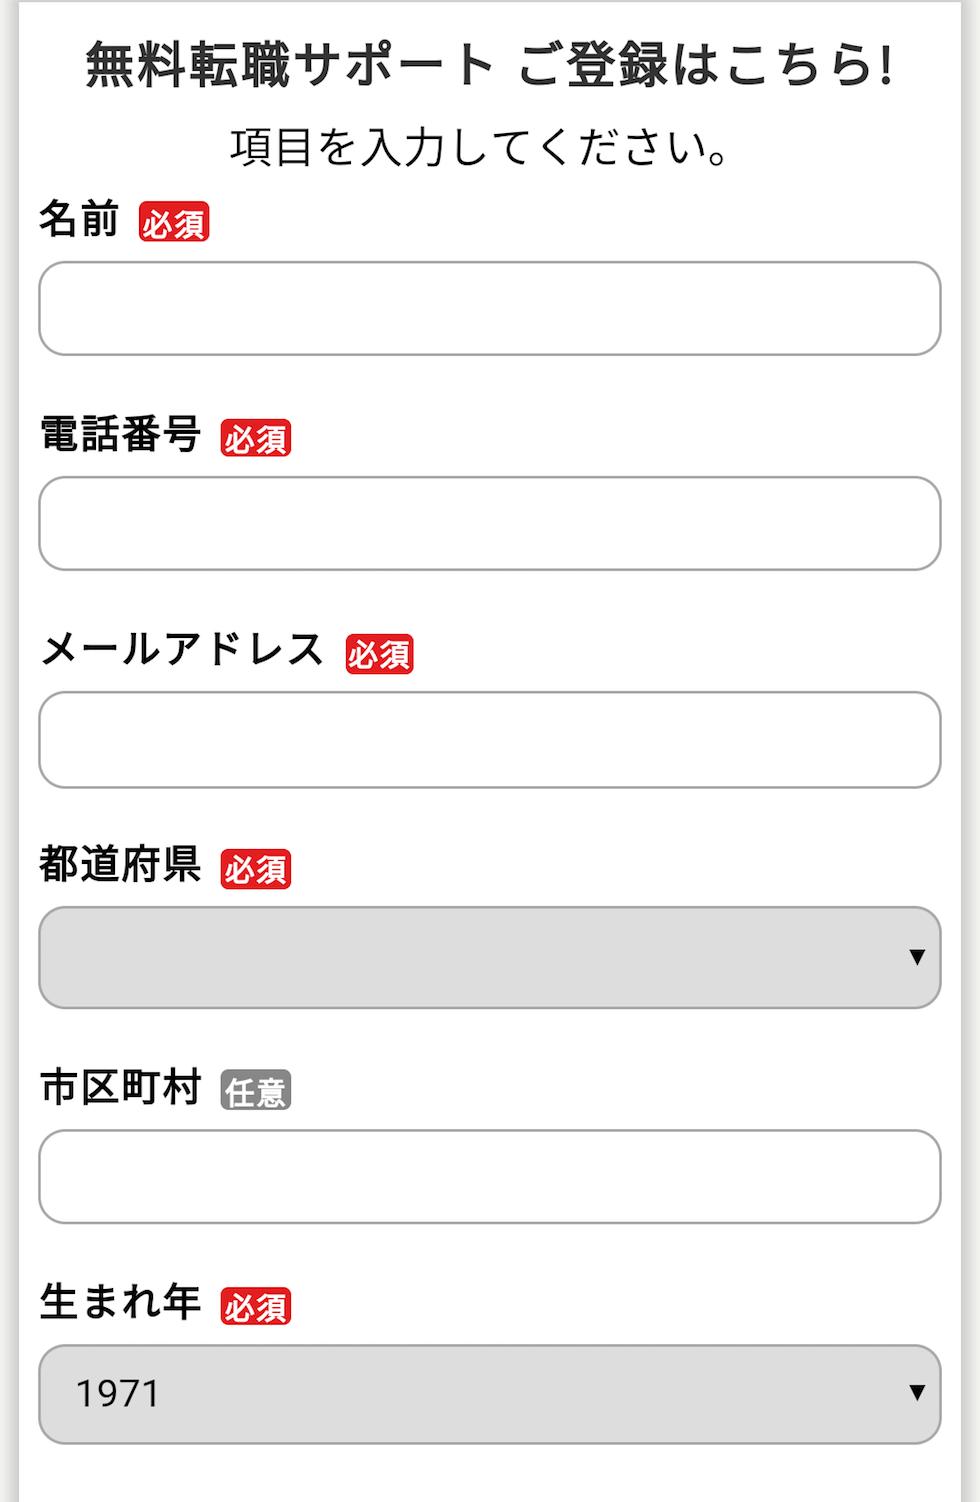 お仕事ラボの登録方法02